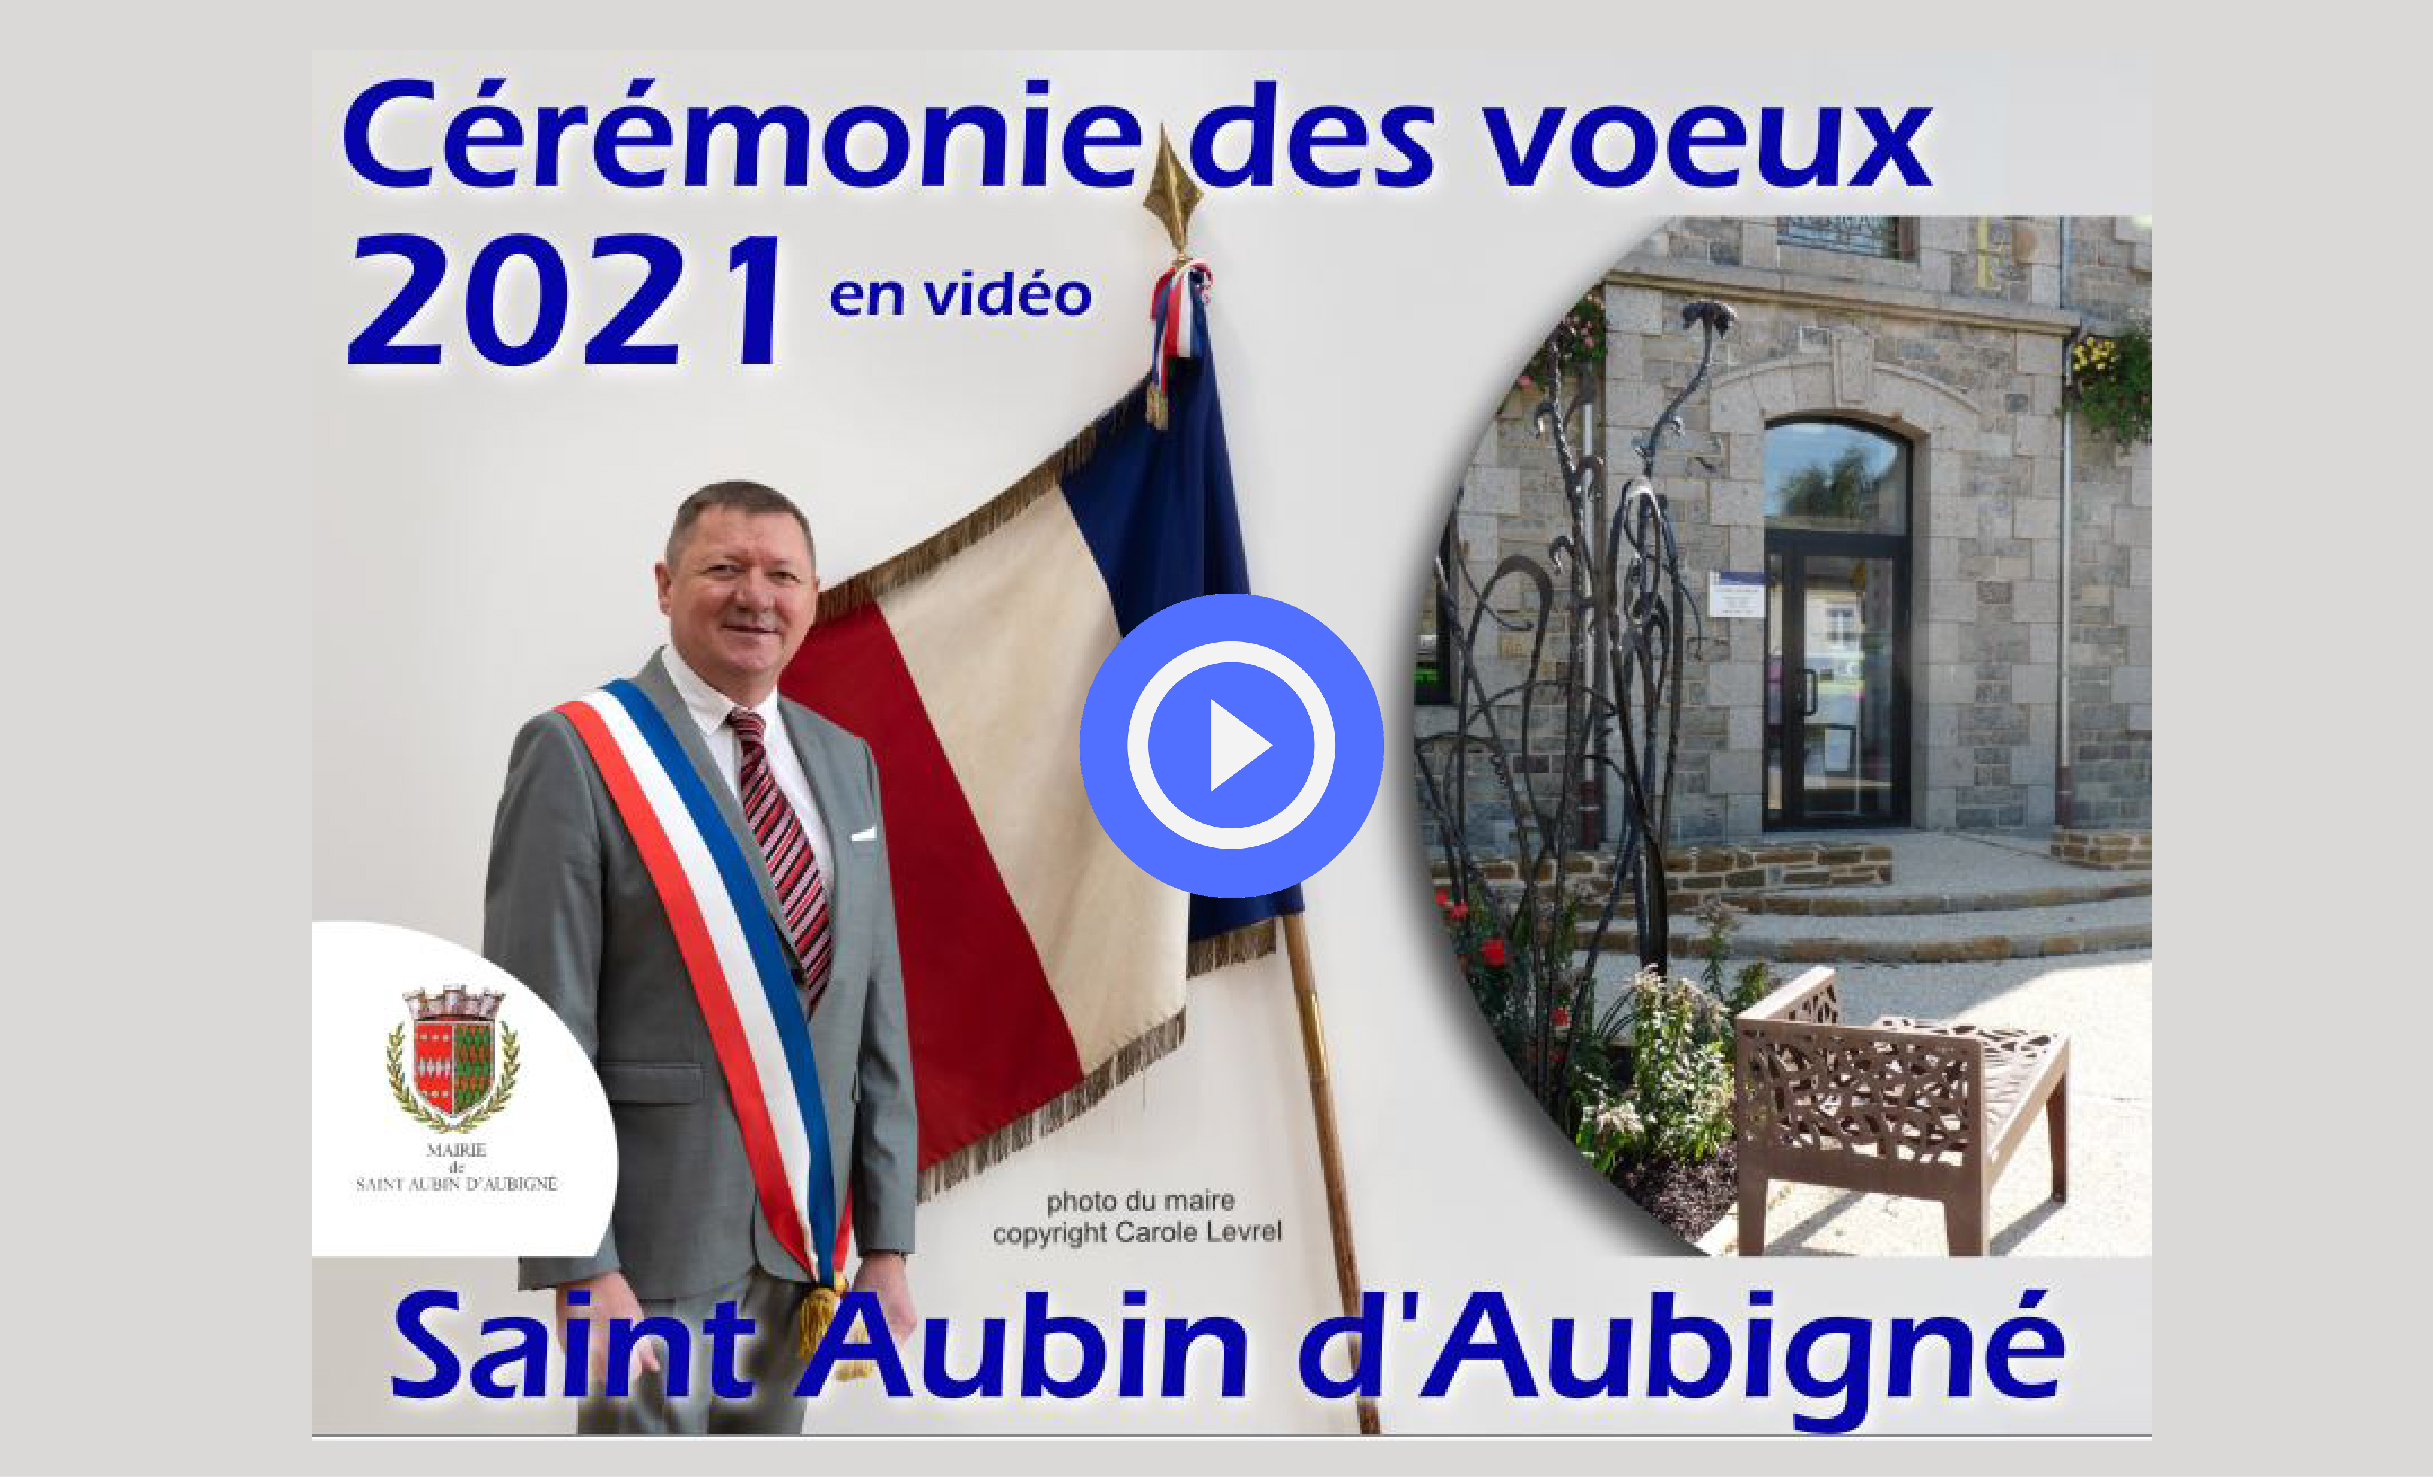 cérémonie des vœux 2021 en vidéo